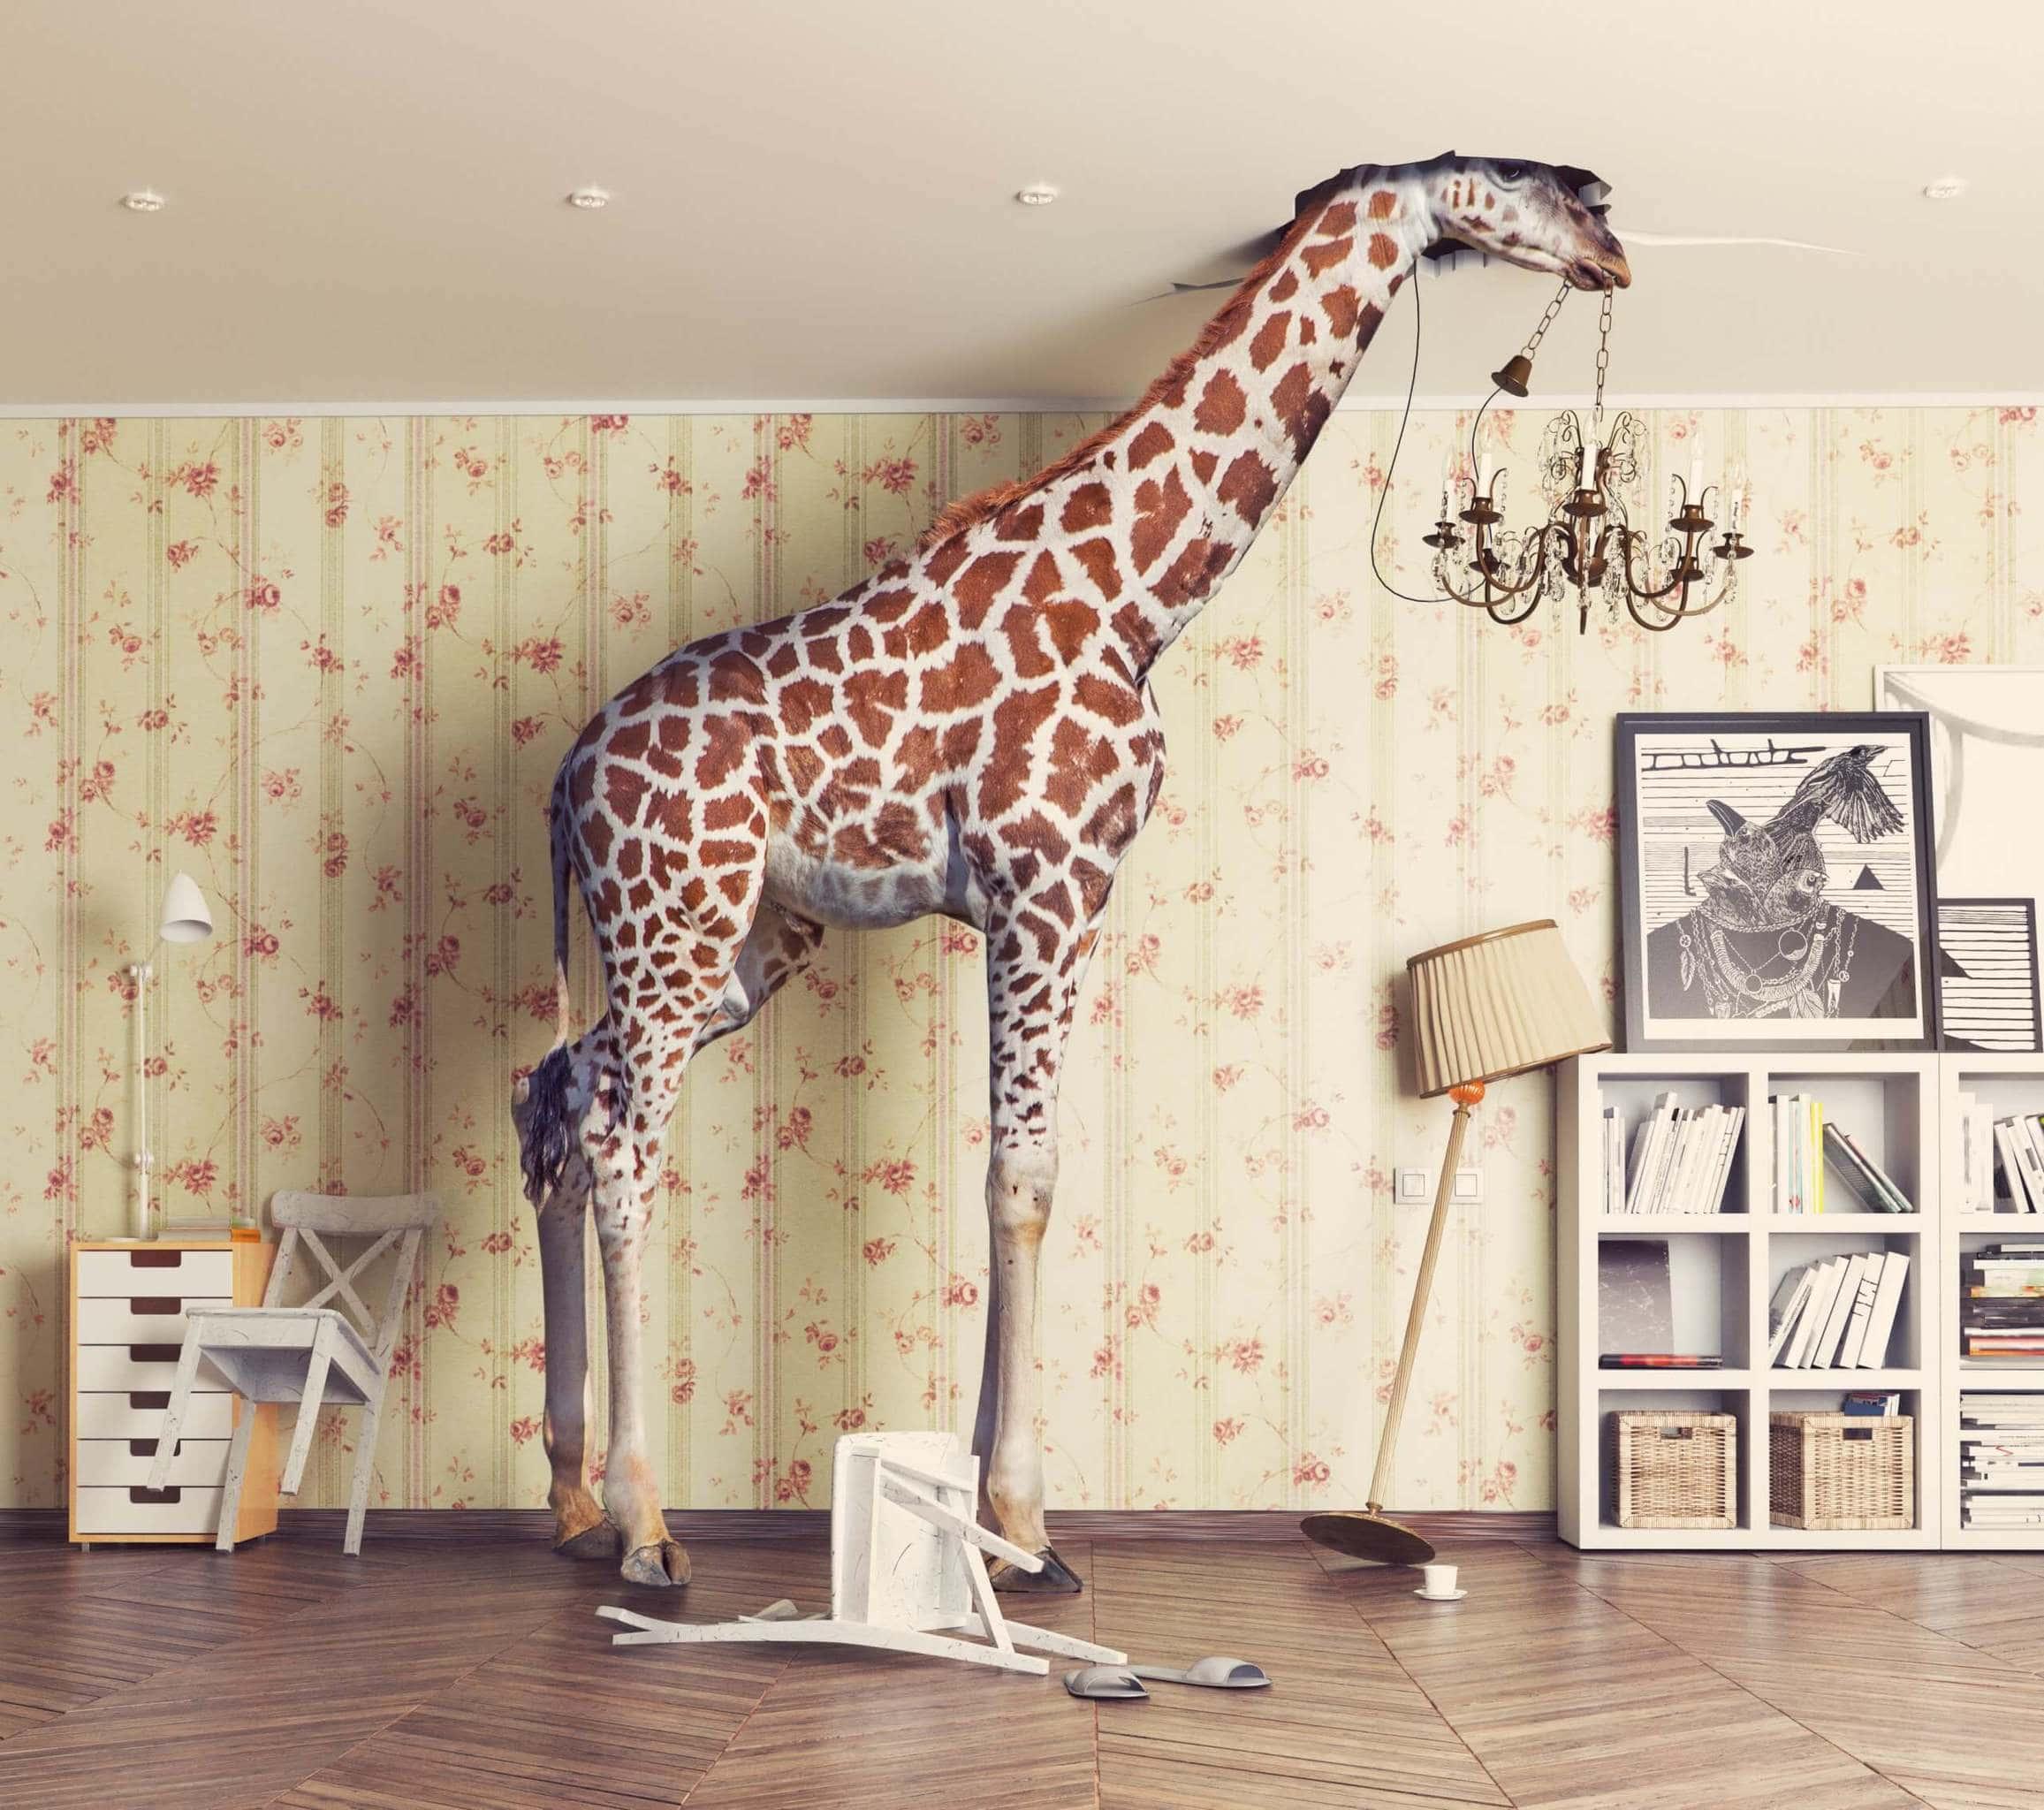 giraffe-stößt-mit-dem-kopf-durch-die-decke